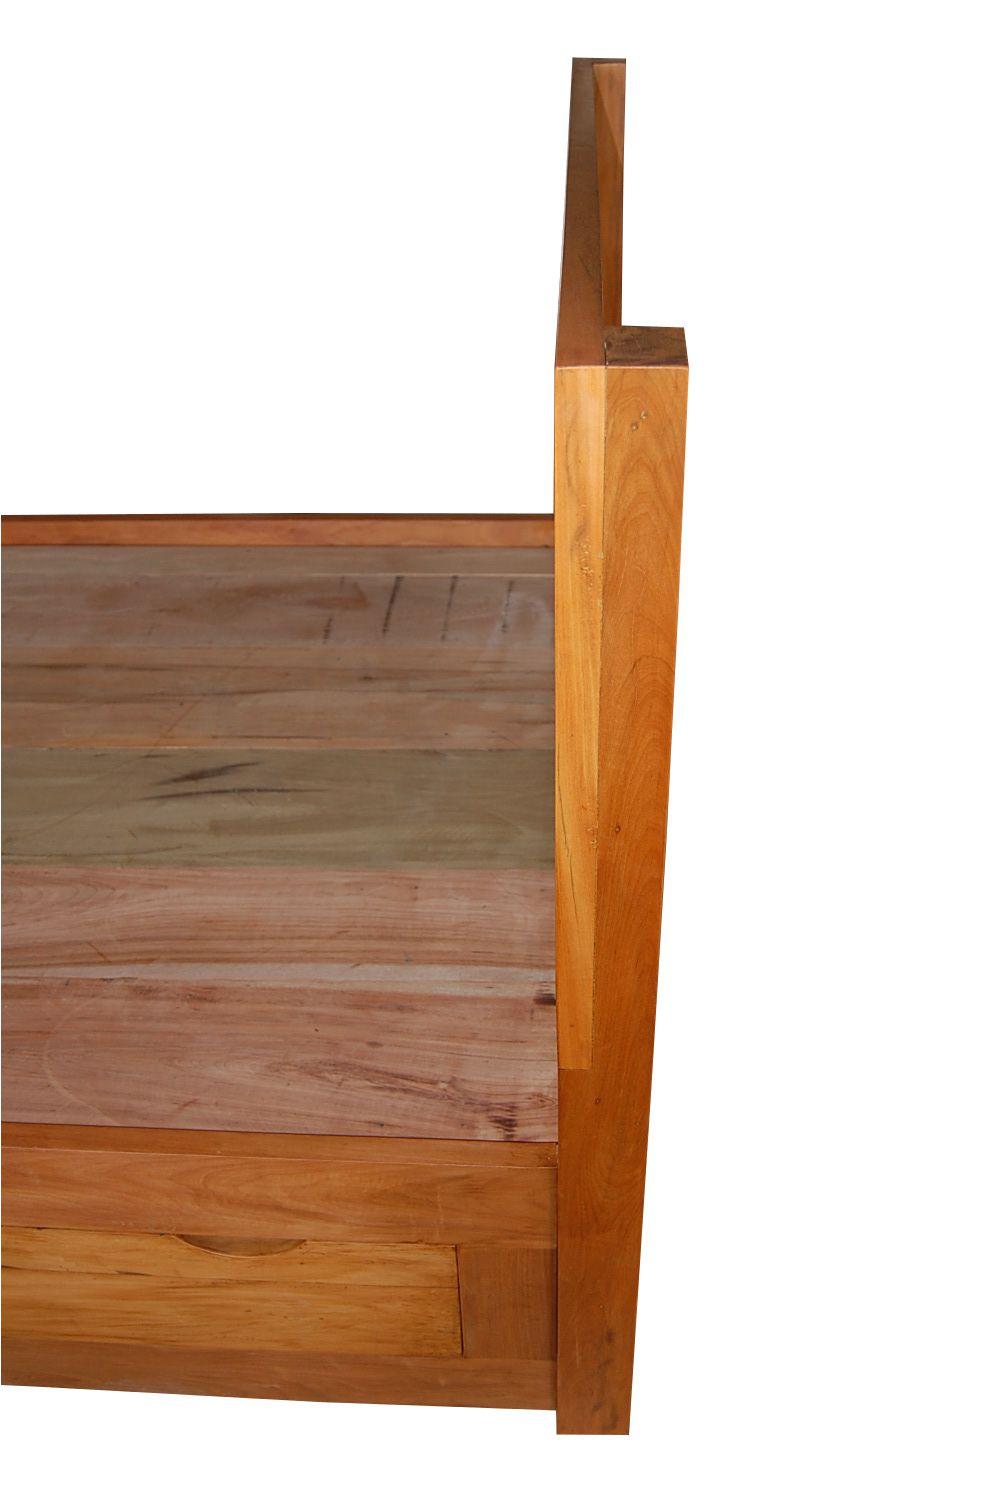 Cama De Casal De Demolição Modelo Mineira - 2,03 X 2,11 X 40 - Tamanho King - Com 4 Gavetões - Em Madeira Selecionada